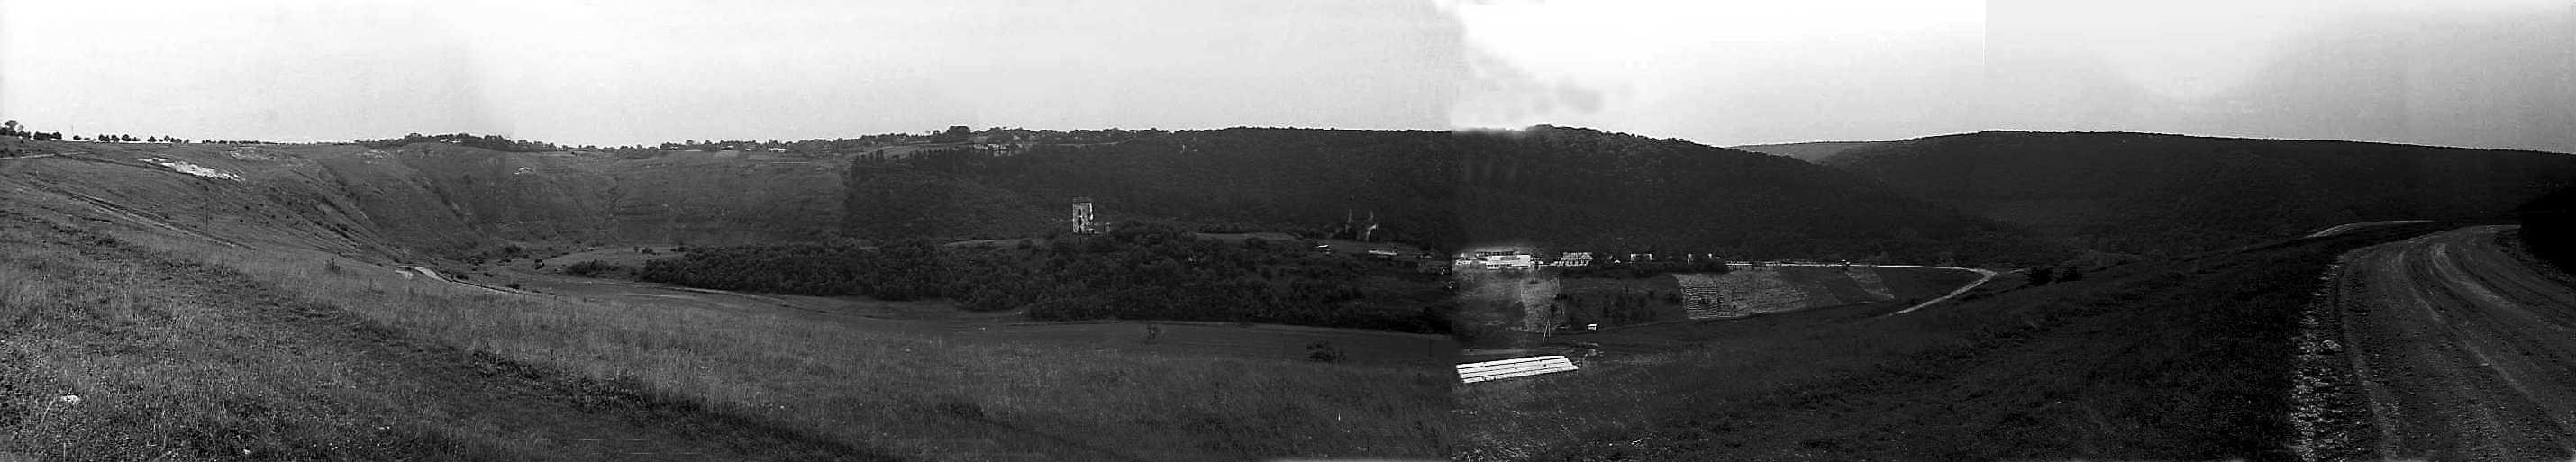 1988 р. Панорама долини з півночі